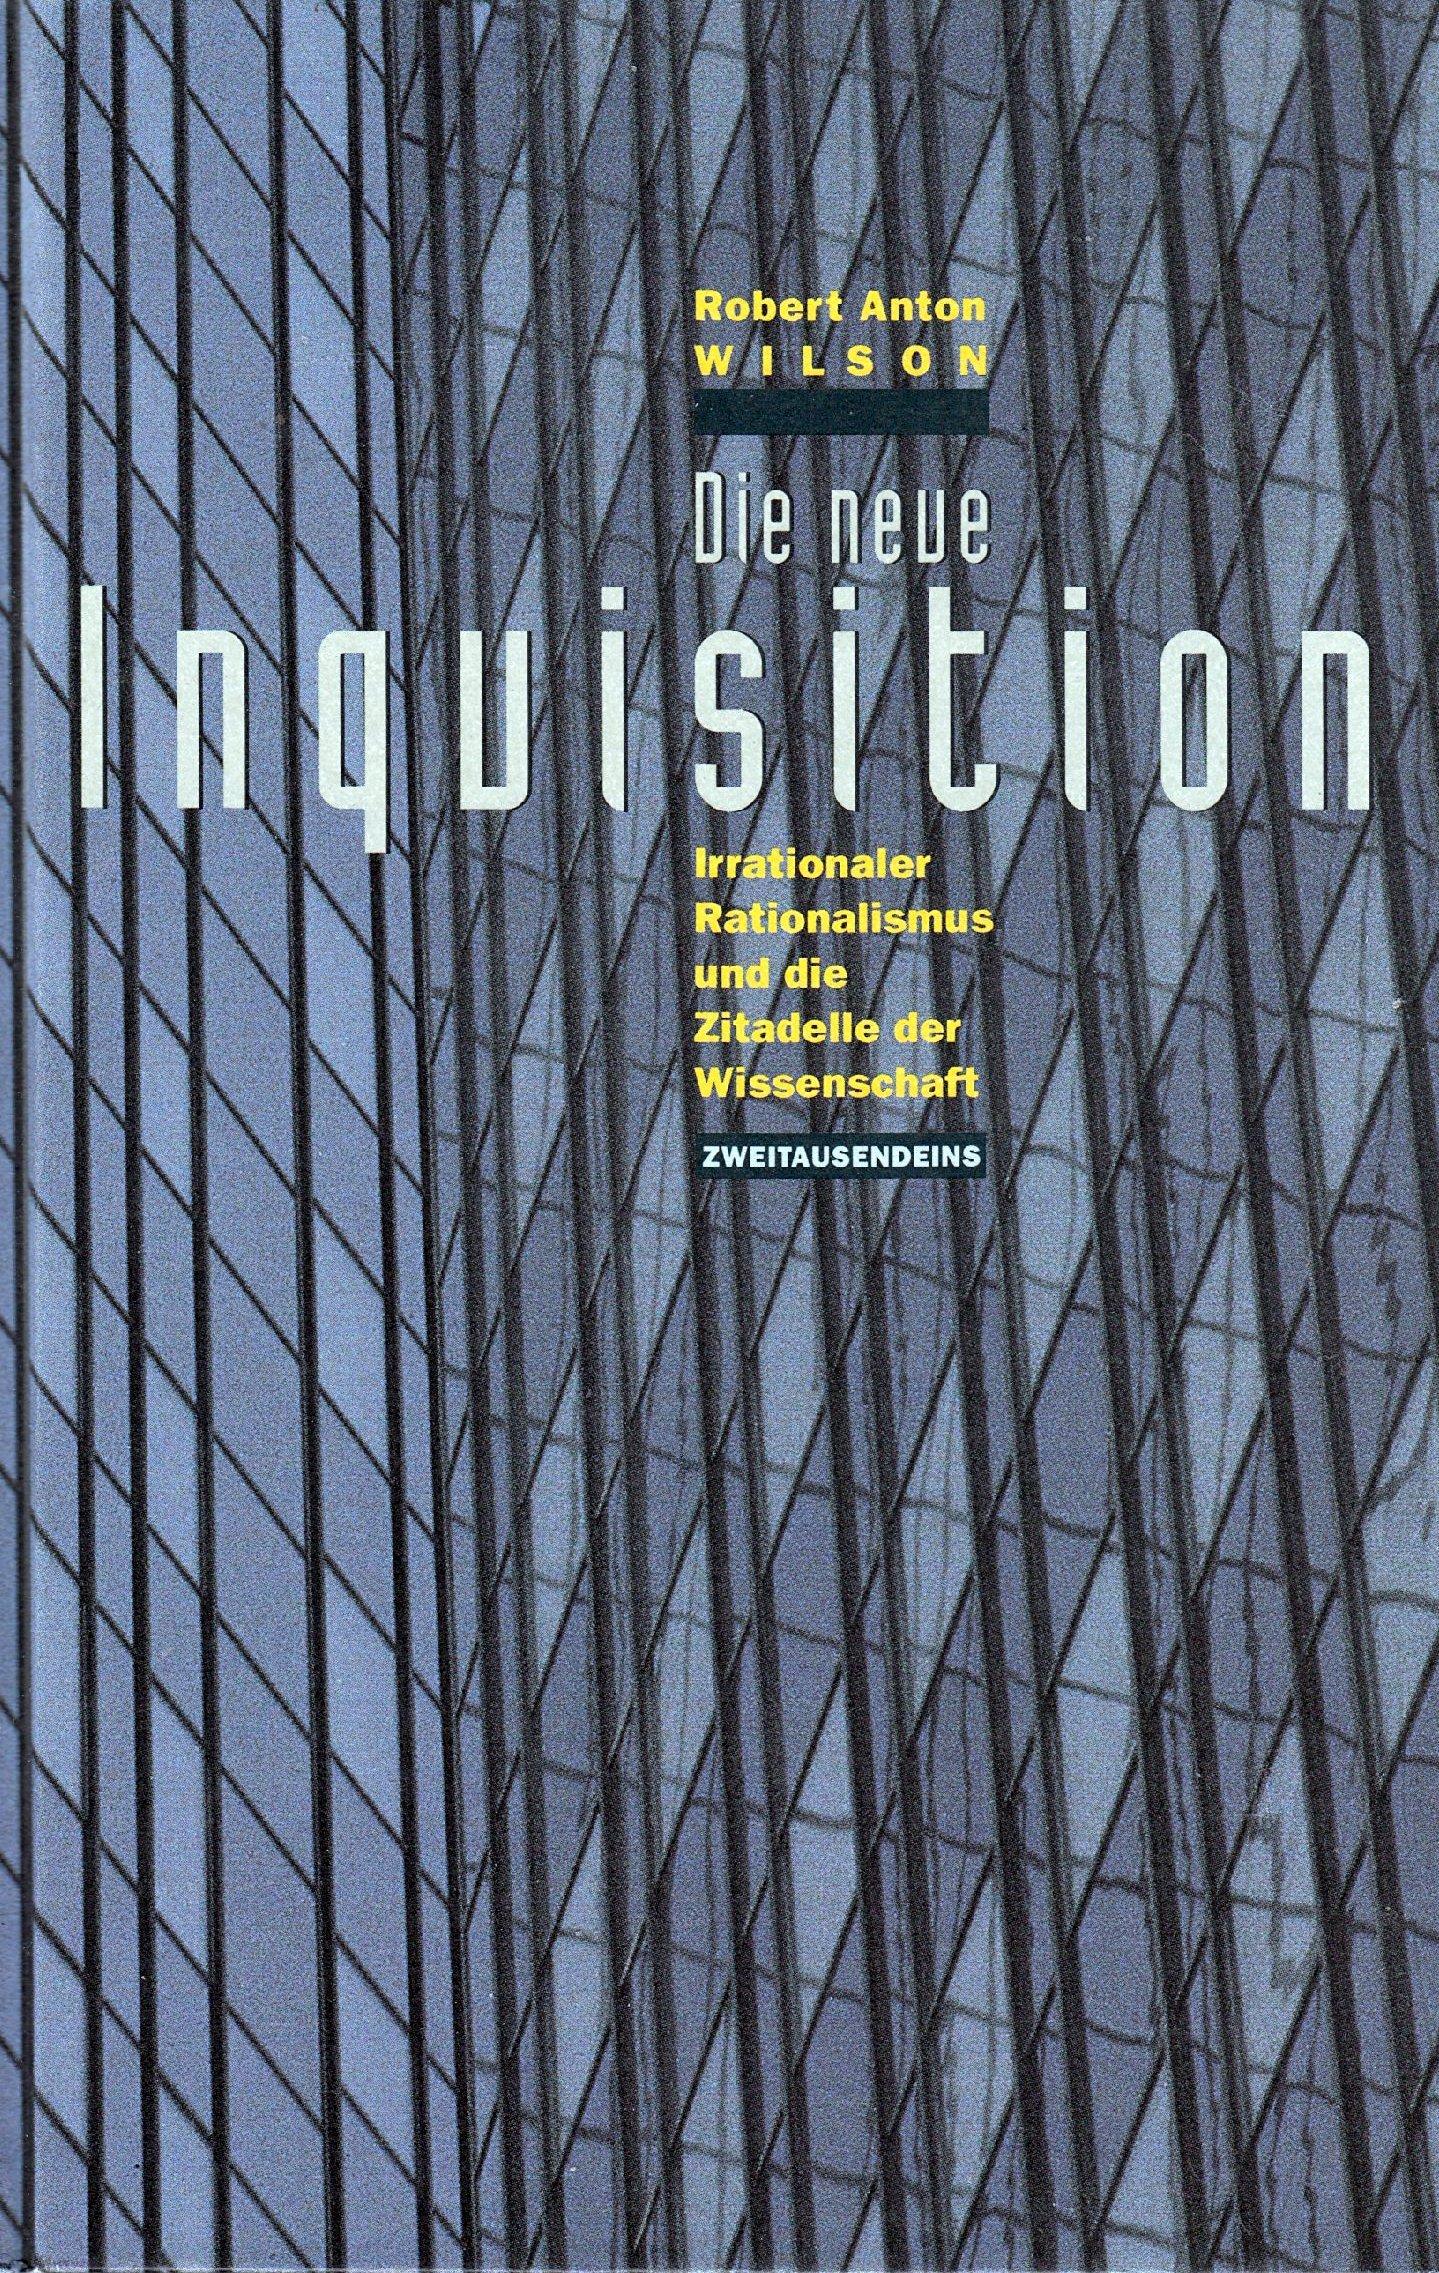 Die neue Inquisition. Irrationaler Rationalismus und die Zitadelle der Wissenschaft